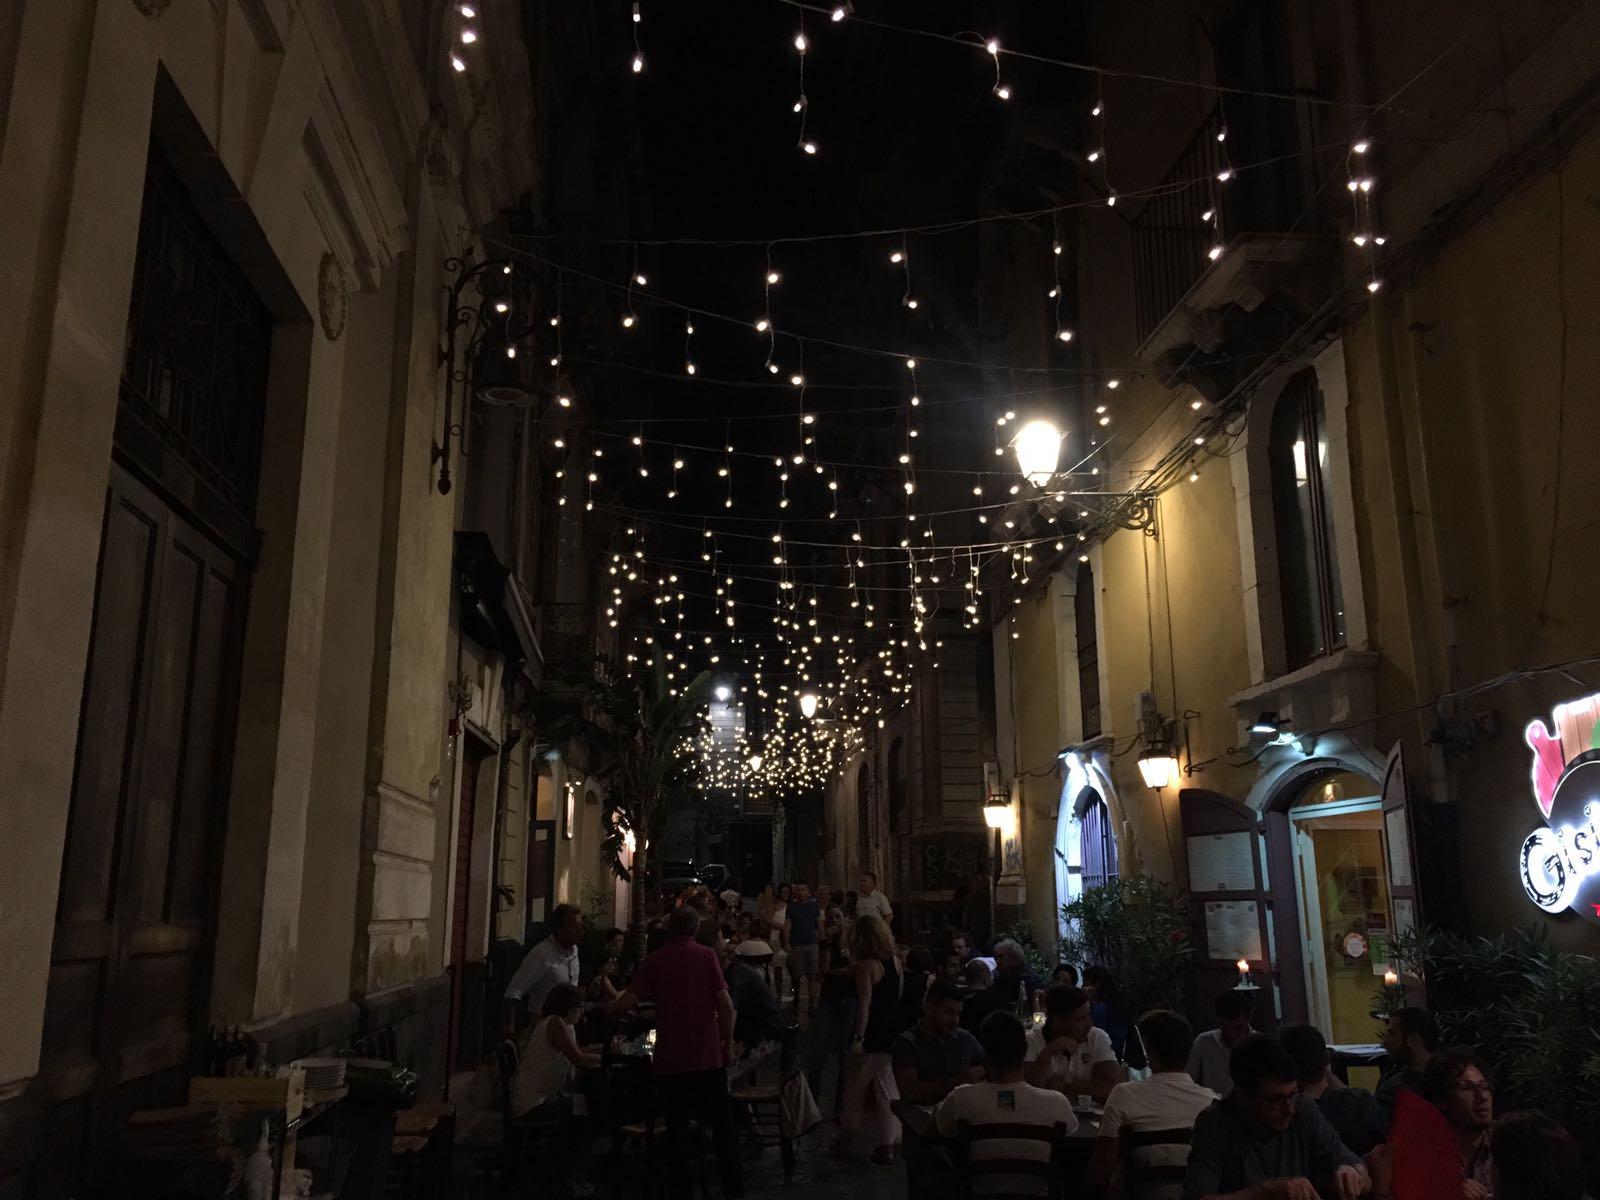 Img post Restaurante Gisira en Catania. Comer en Catania - Pasaporte y Millas